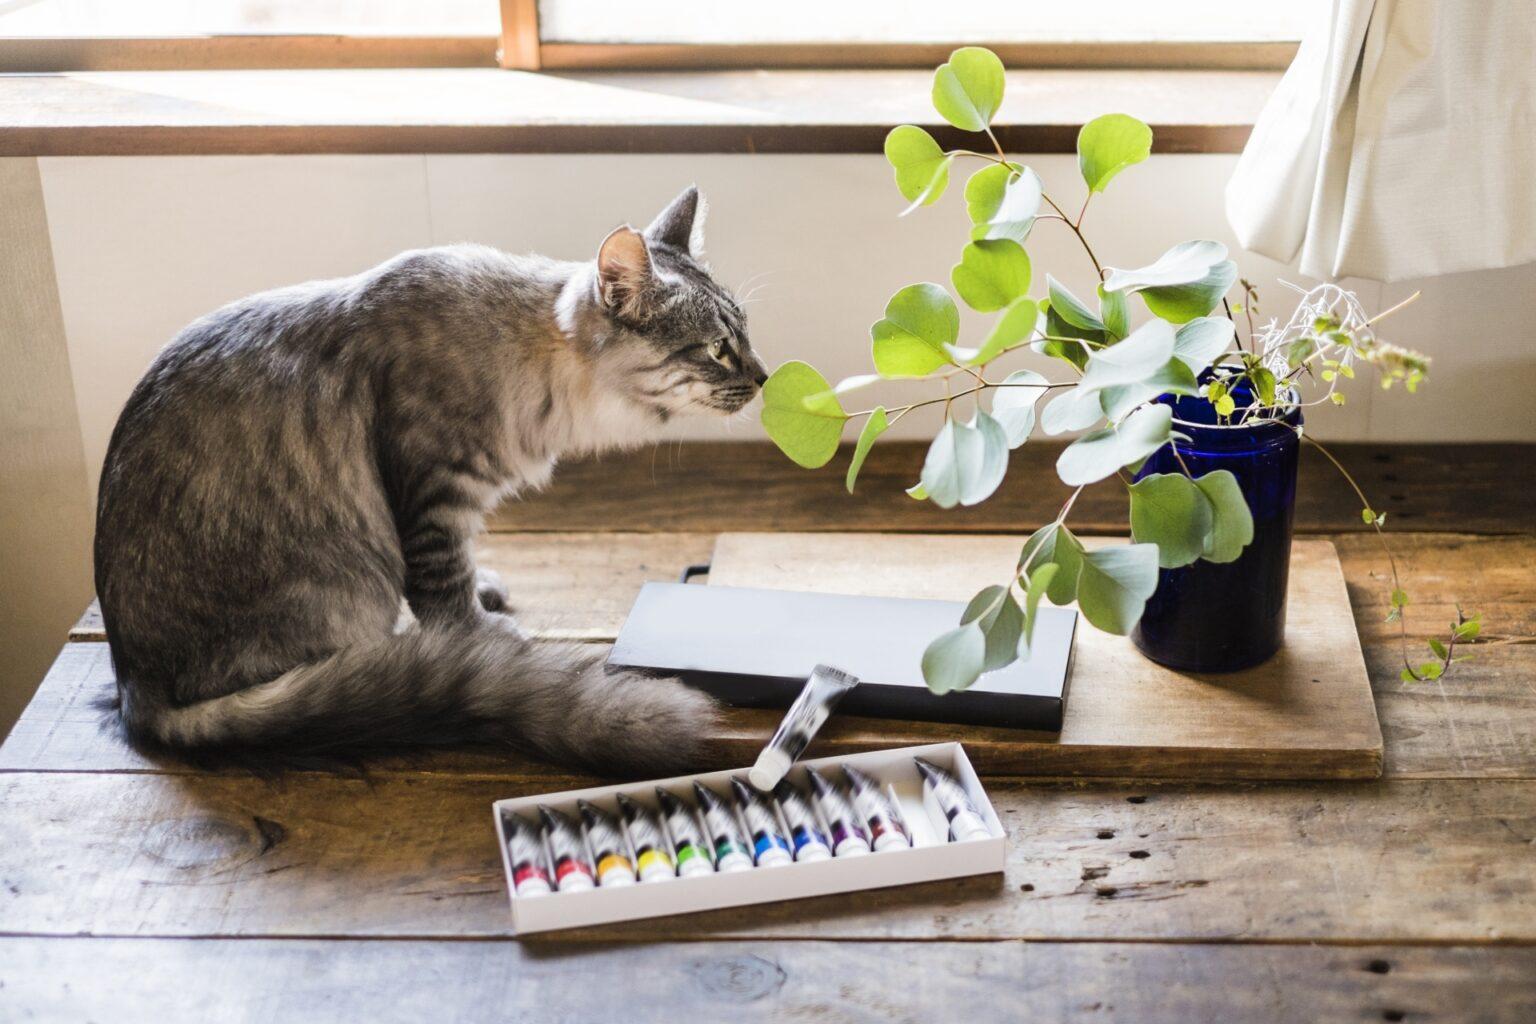 保護猫を飼うにはどうしたらいい?実体験を元にお迎えまでの流れを紹介。